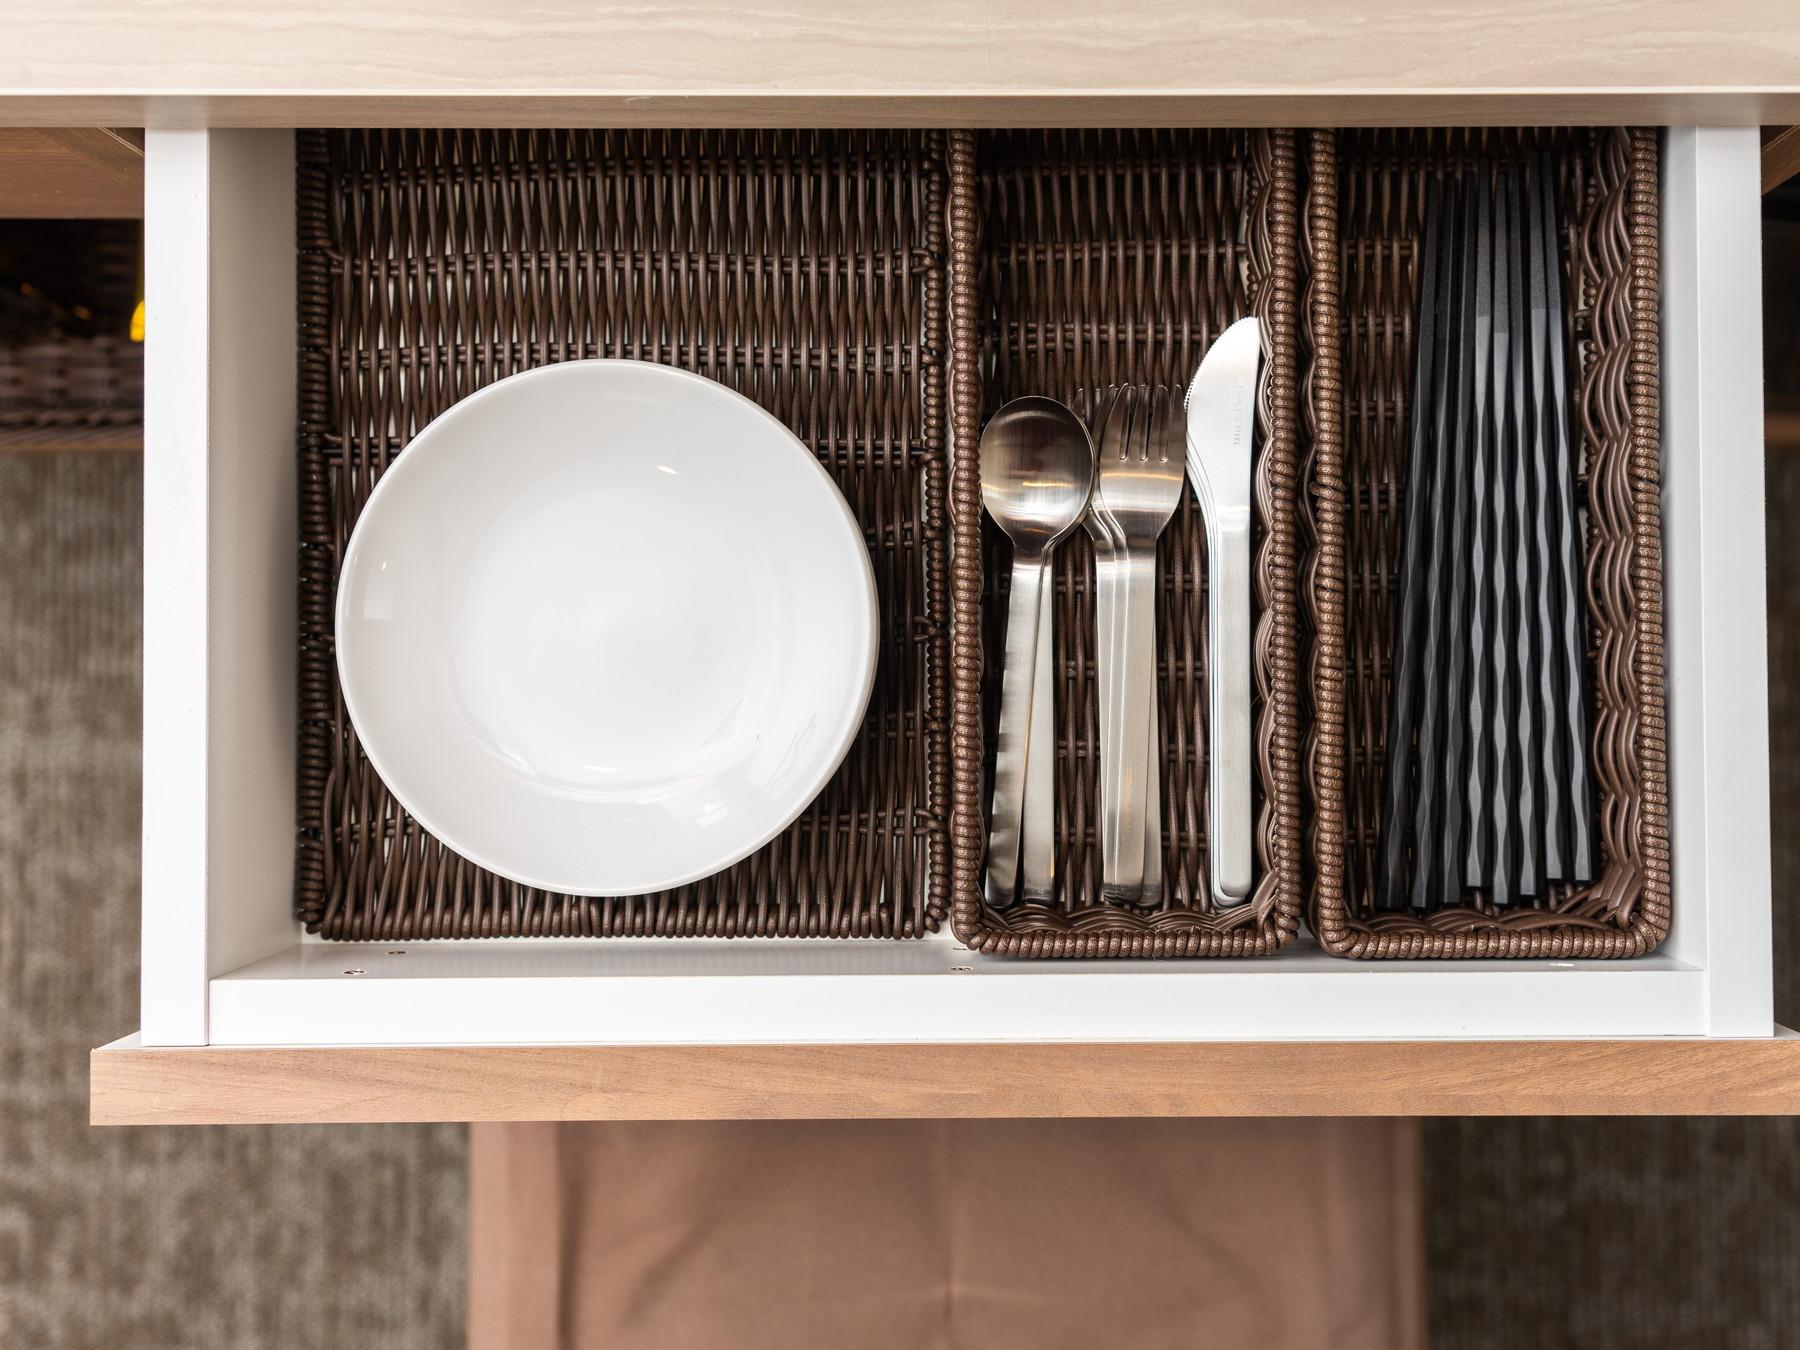 お部屋でのお食事にも対応、各種カトラリーもご準備